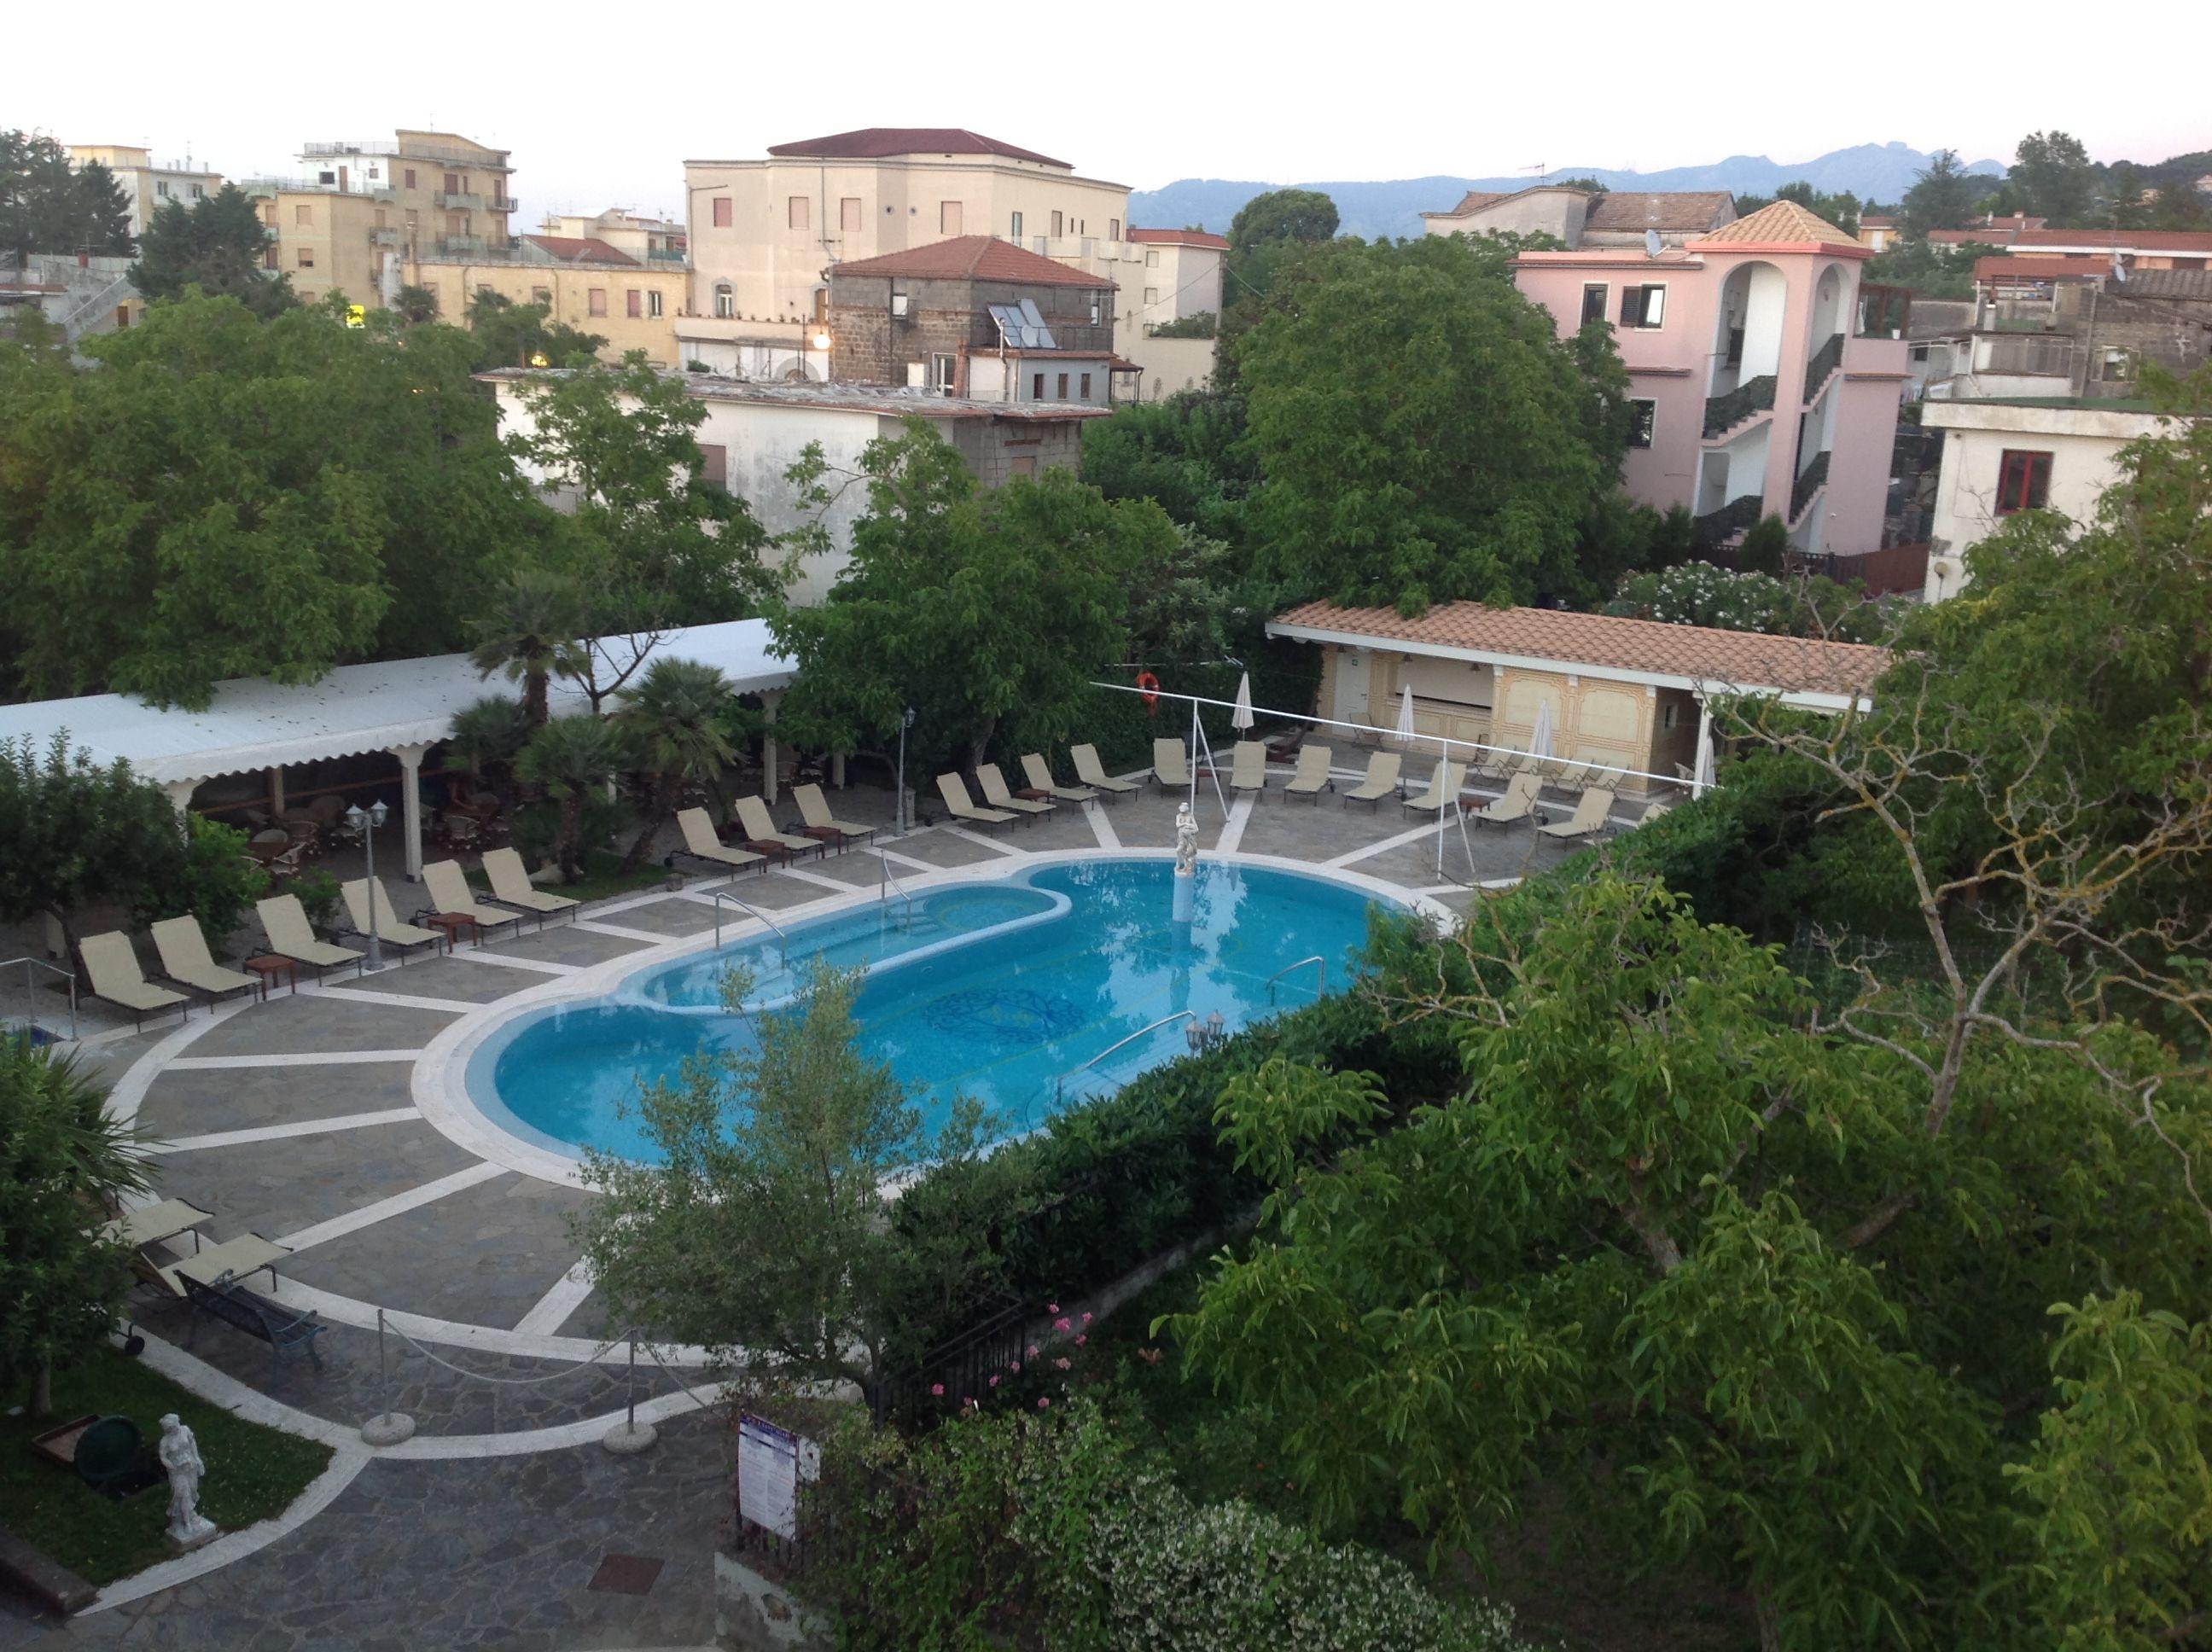 Sant'Agata hotel